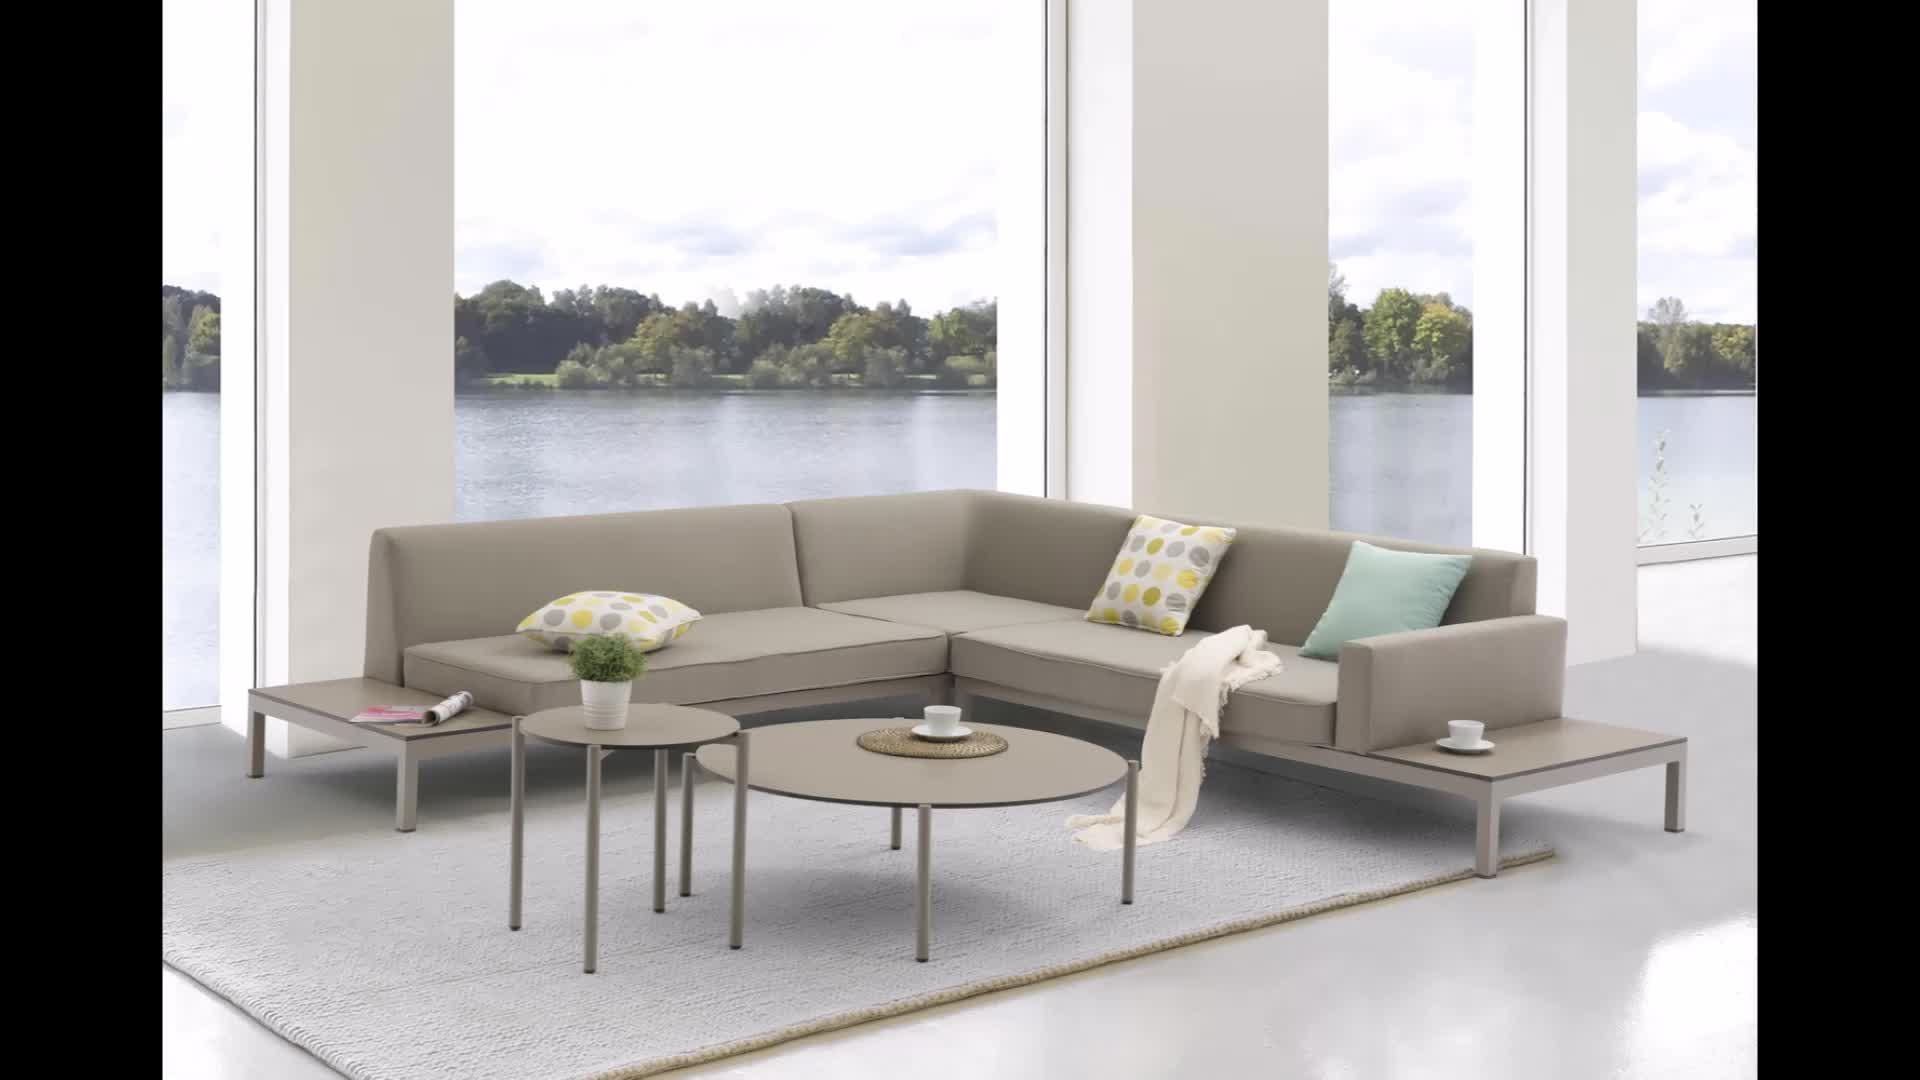 Tophine Mobili mobili da giardino divano set gadern per il tempo libero divano set con cuscini